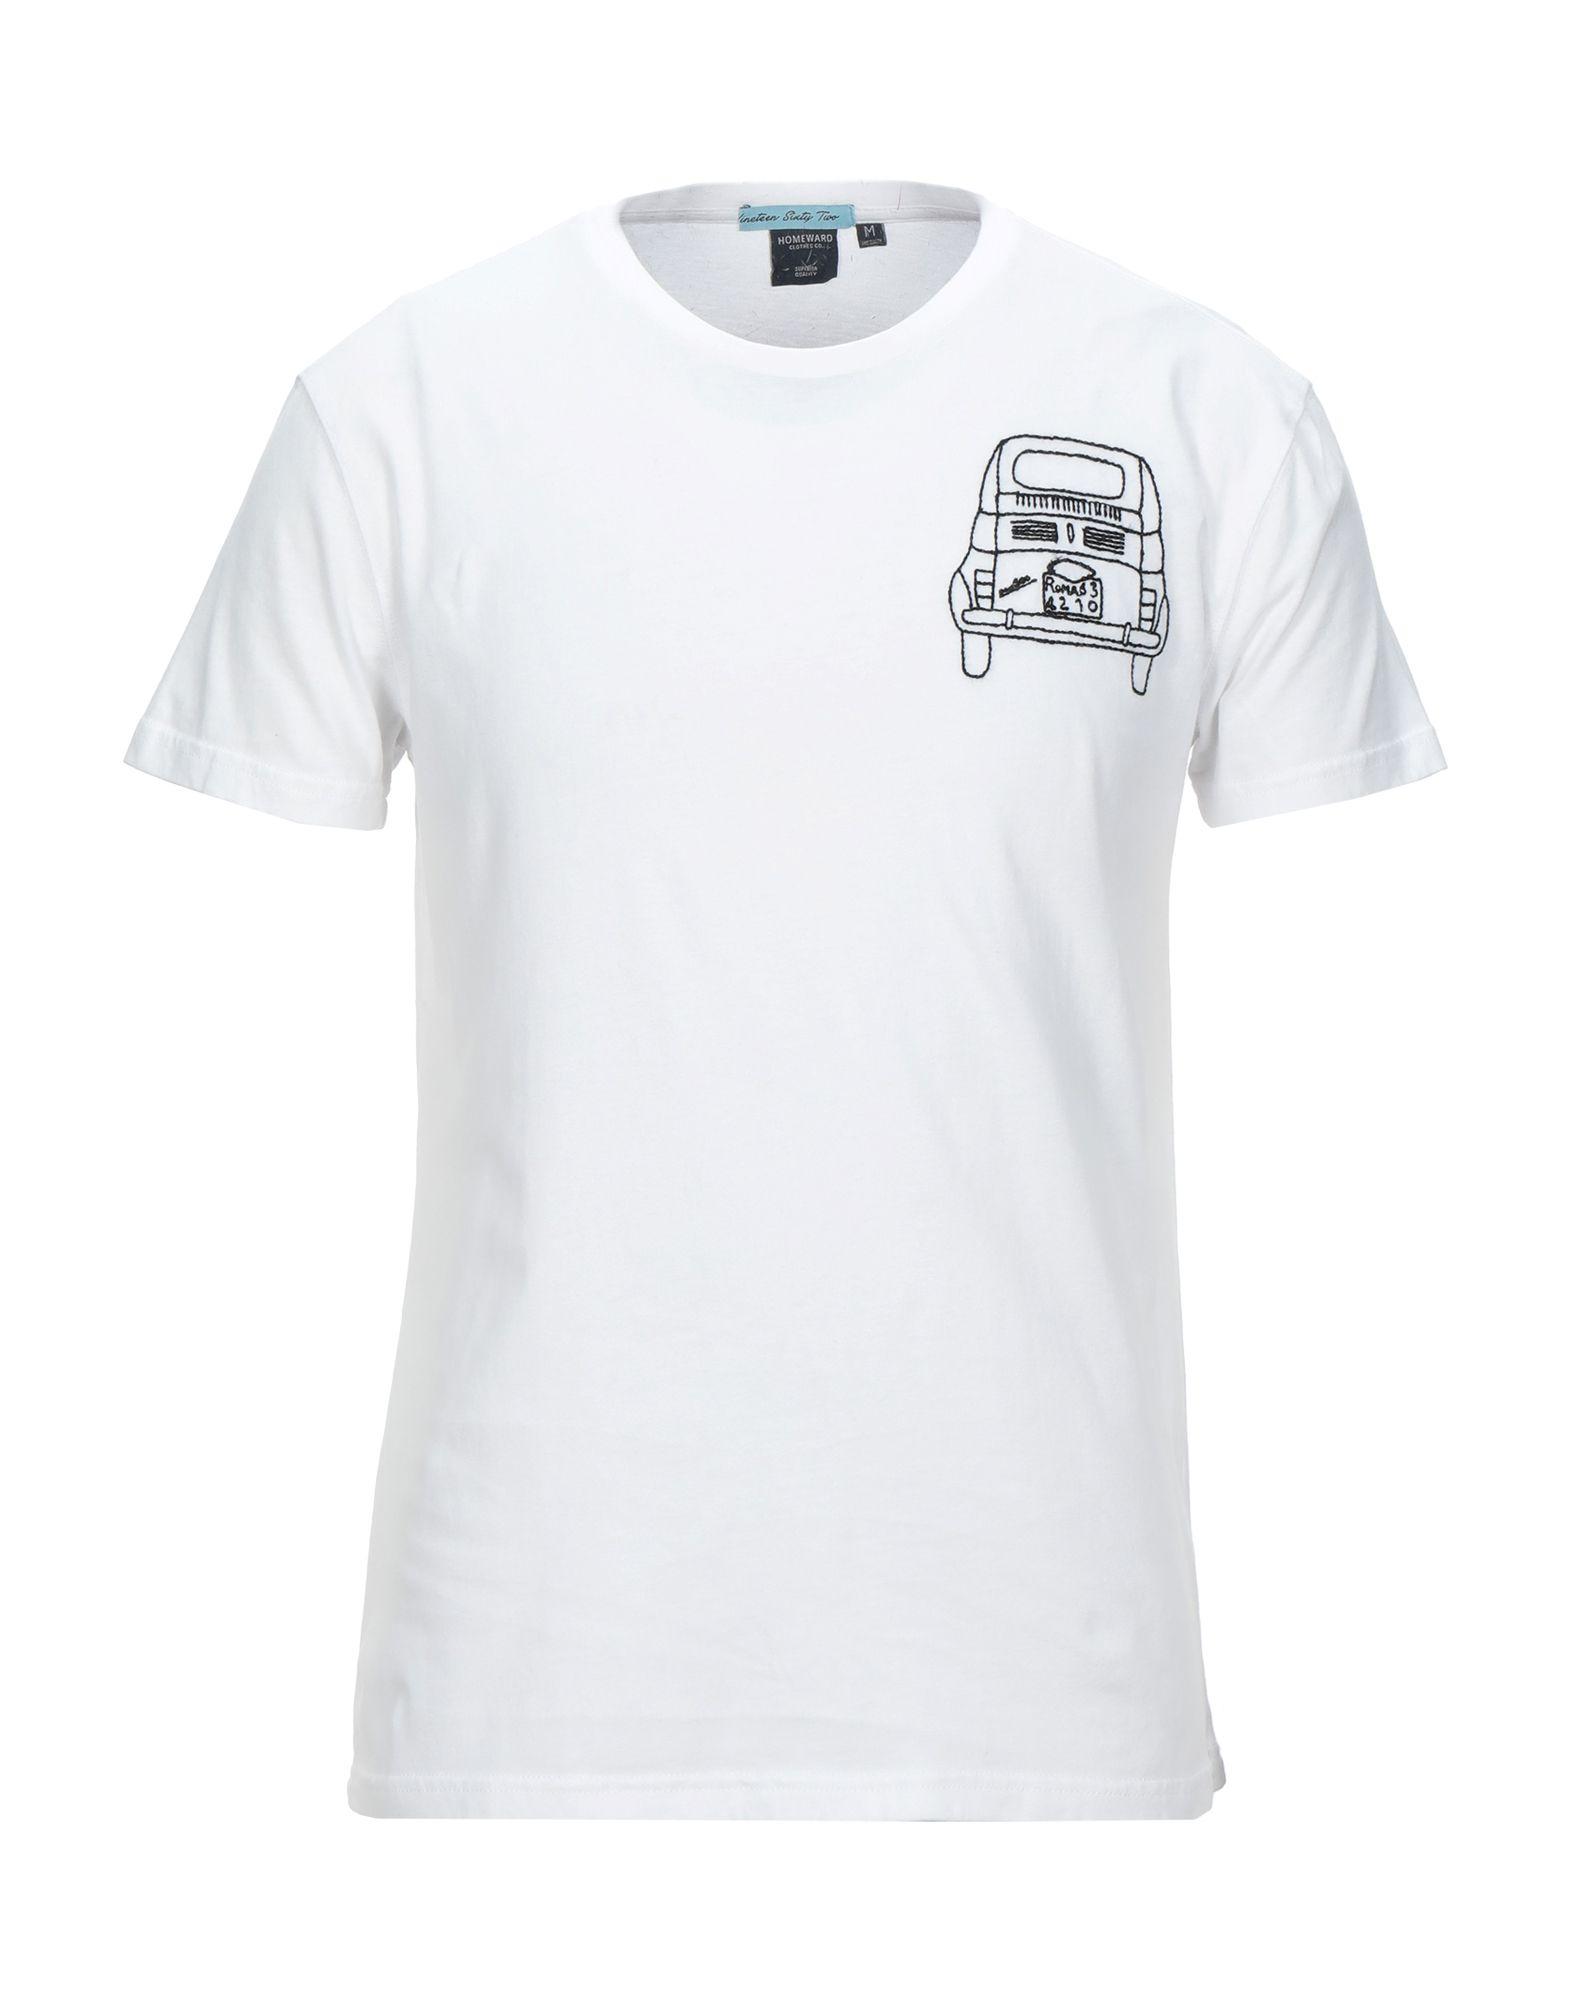 Фото - HOMEWARD CLOTHES Футболка homeward clothes бермуды